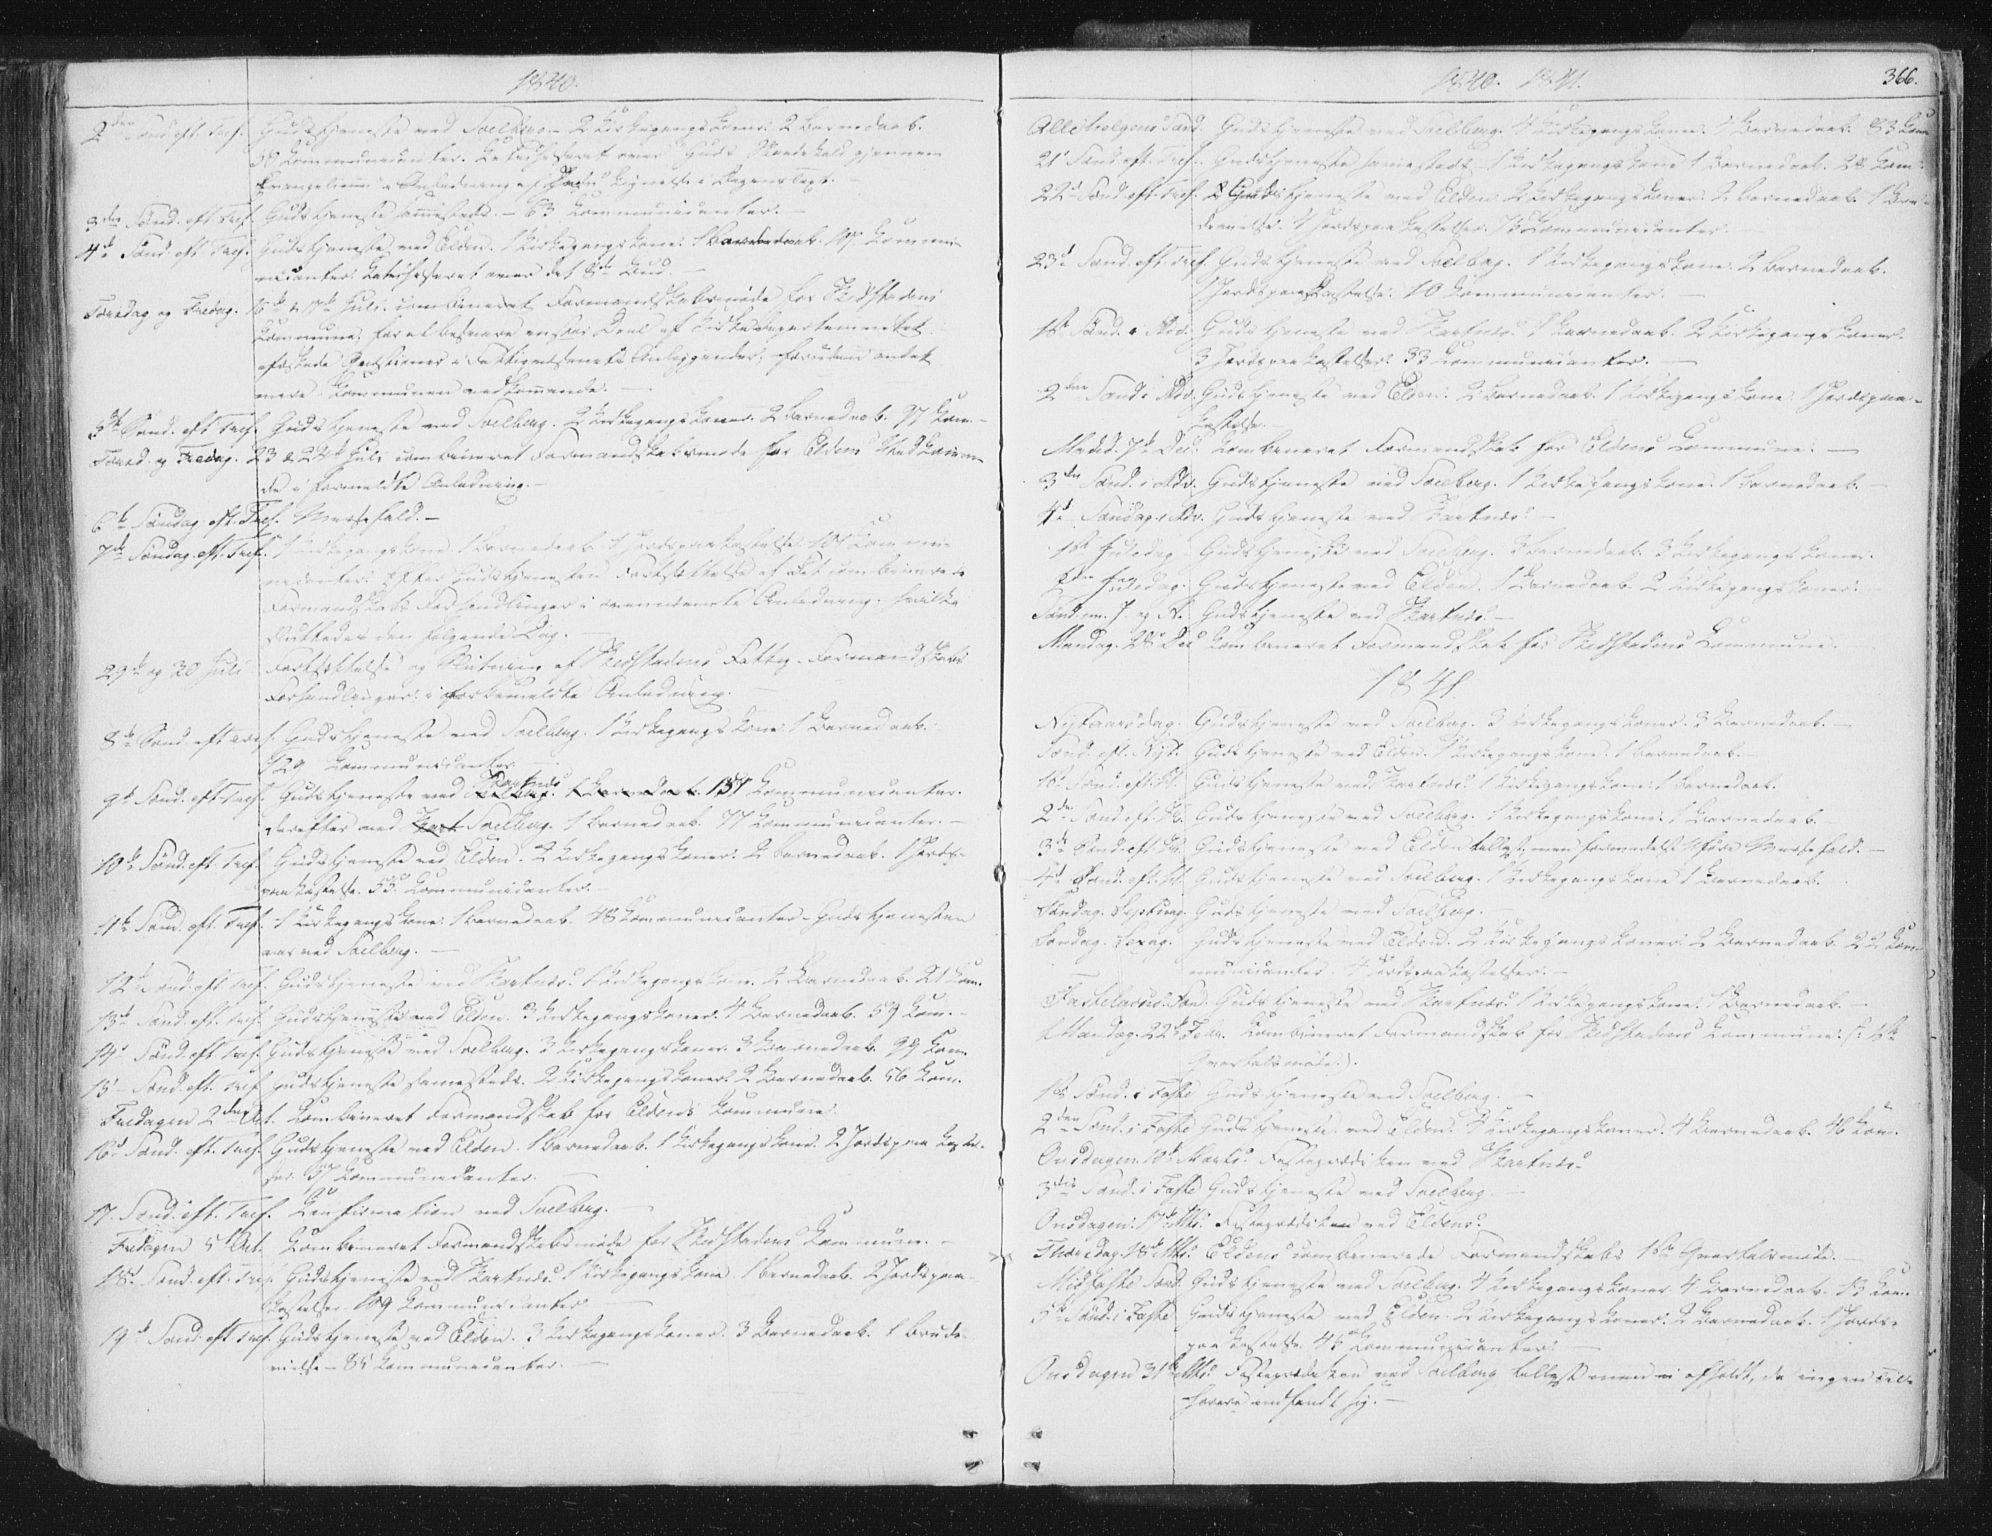 SAT, Ministerialprotokoller, klokkerbøker og fødselsregistre - Nord-Trøndelag, 741/L0392: Ministerialbok nr. 741A06, 1836-1848, s. 366